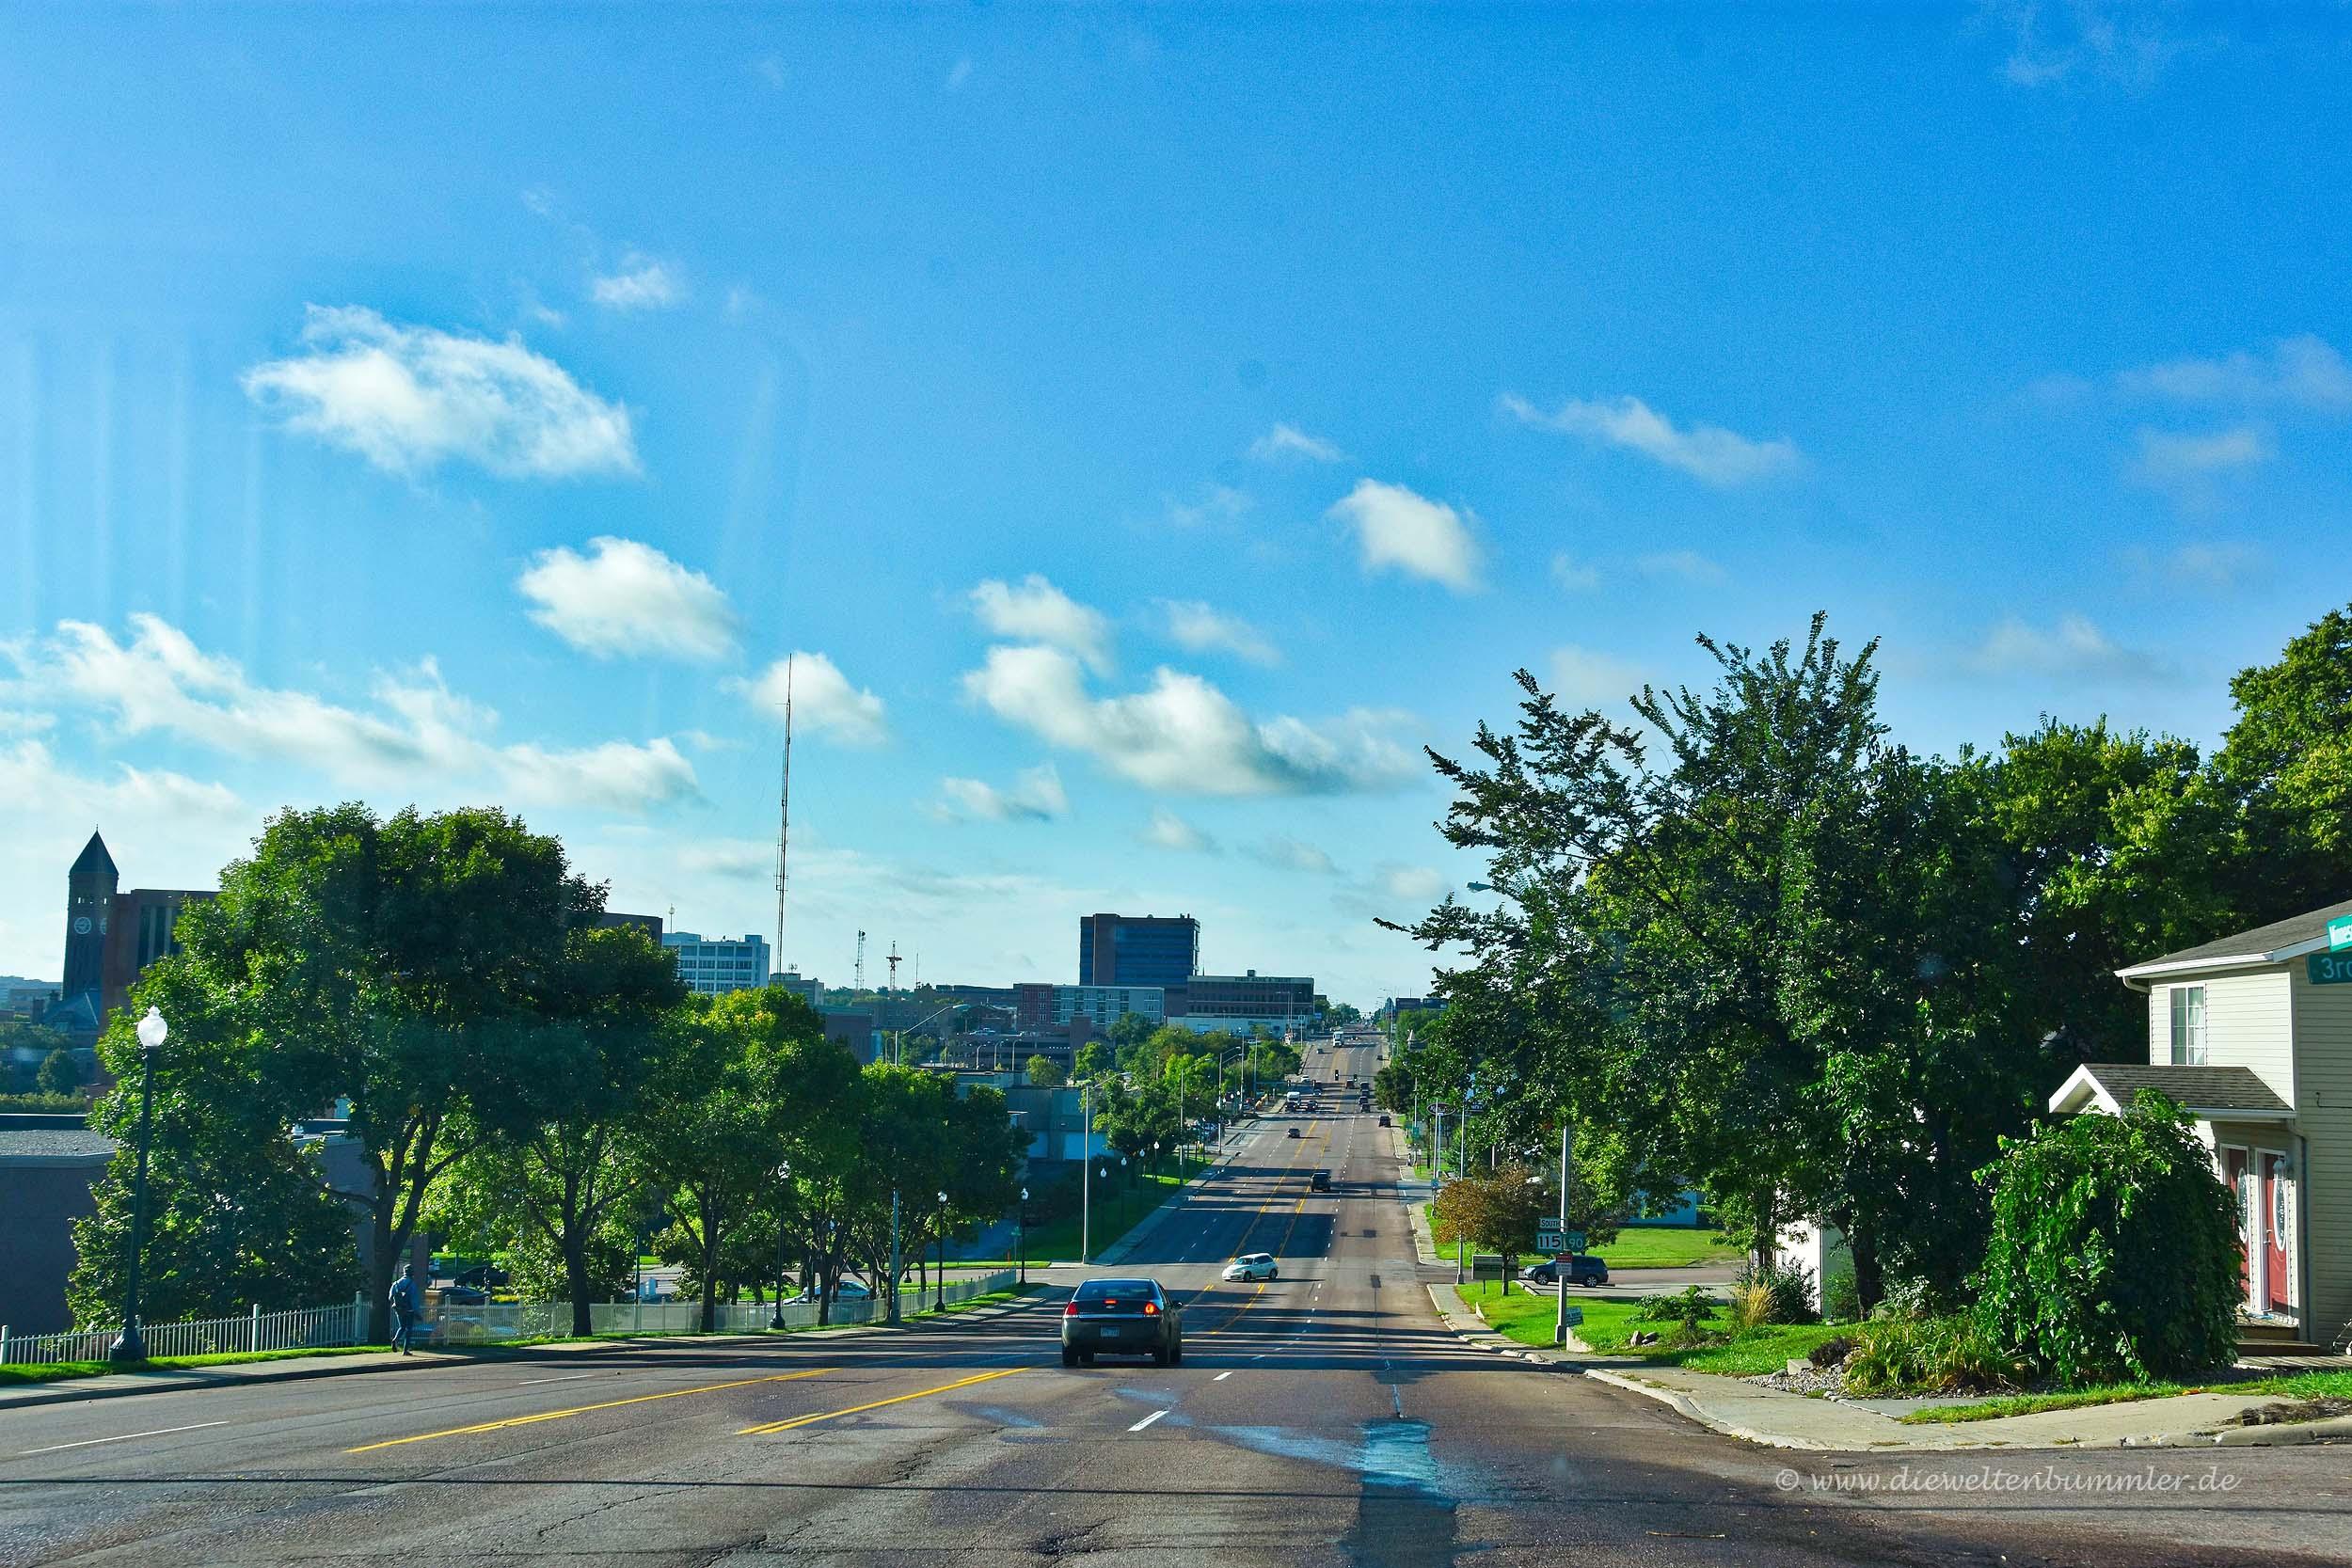 Breite Straße in die Stadt hinein